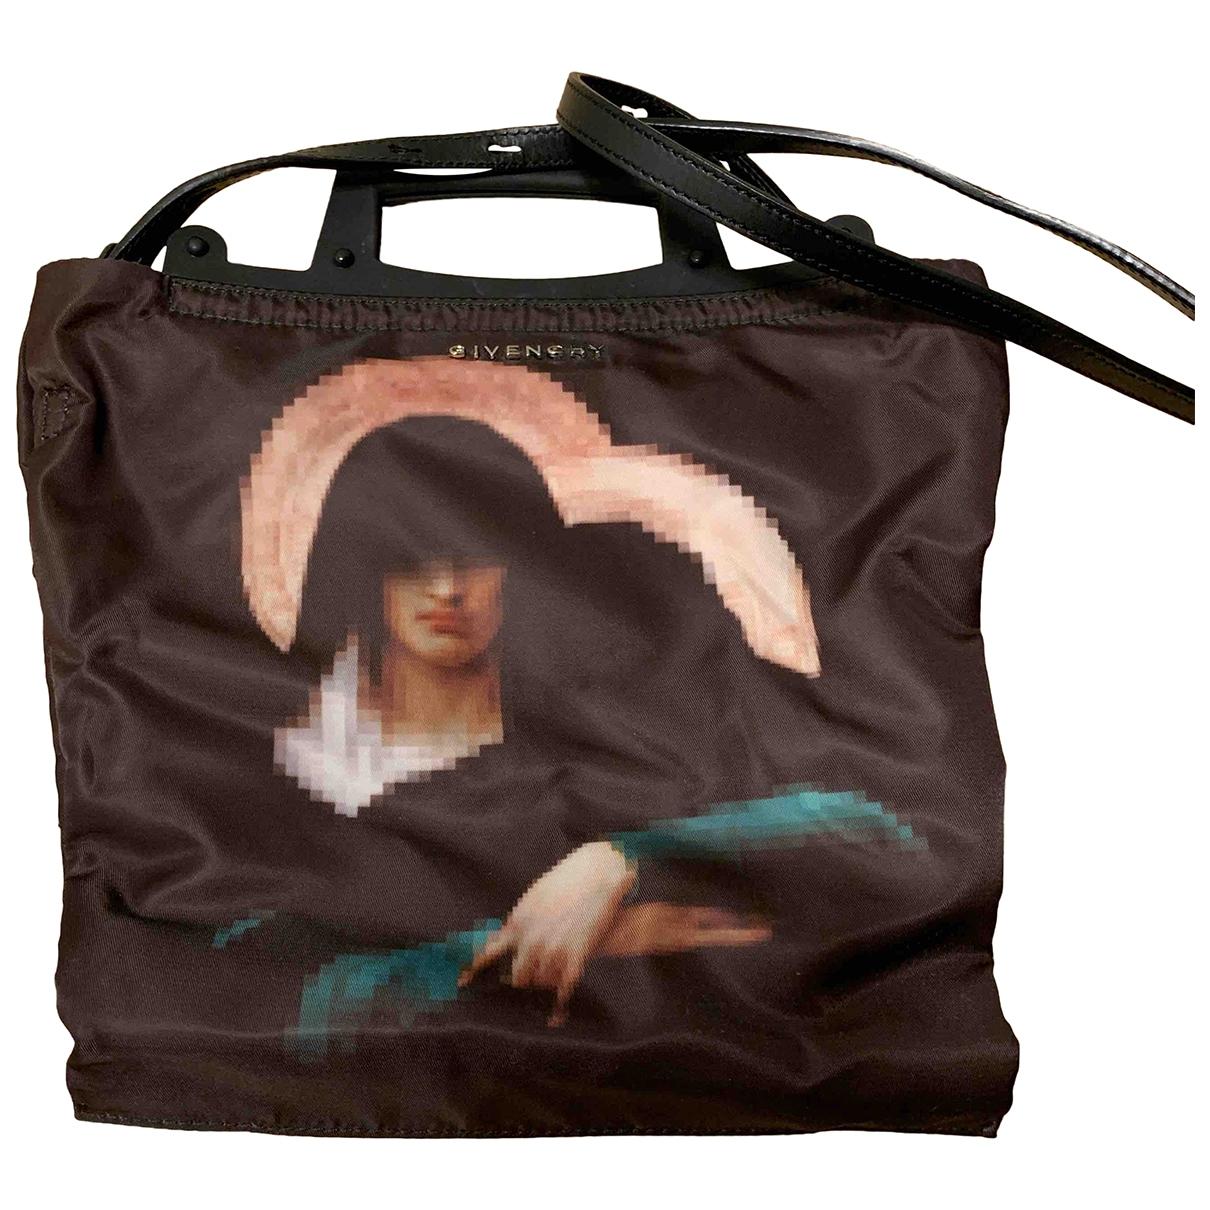 Givenchy \N Handtasche in  Schwarz Polyester